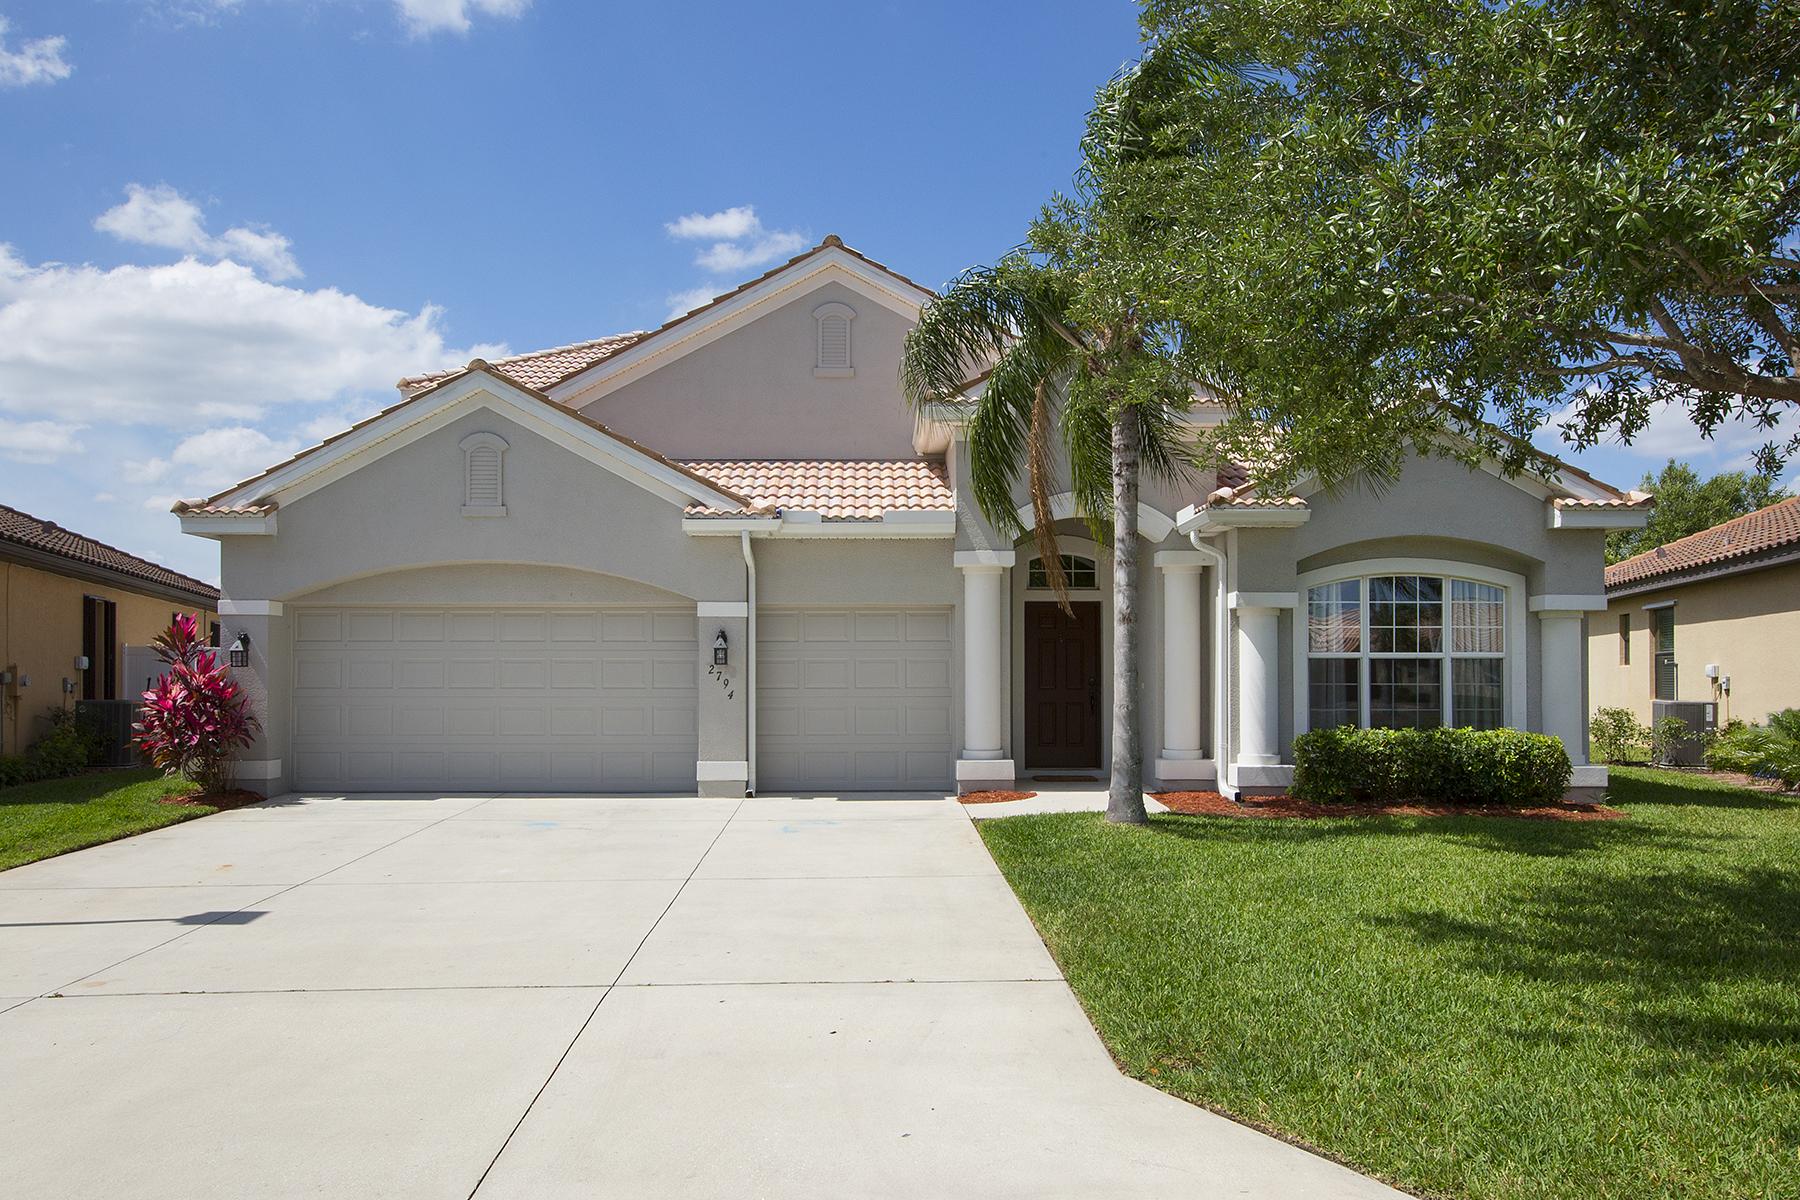 단독 가정 주택 용 매매 에 THE FORUM - PROMENADE 2794 Via Piazza Loop Fort Myers, 플로리다, 33905 미국